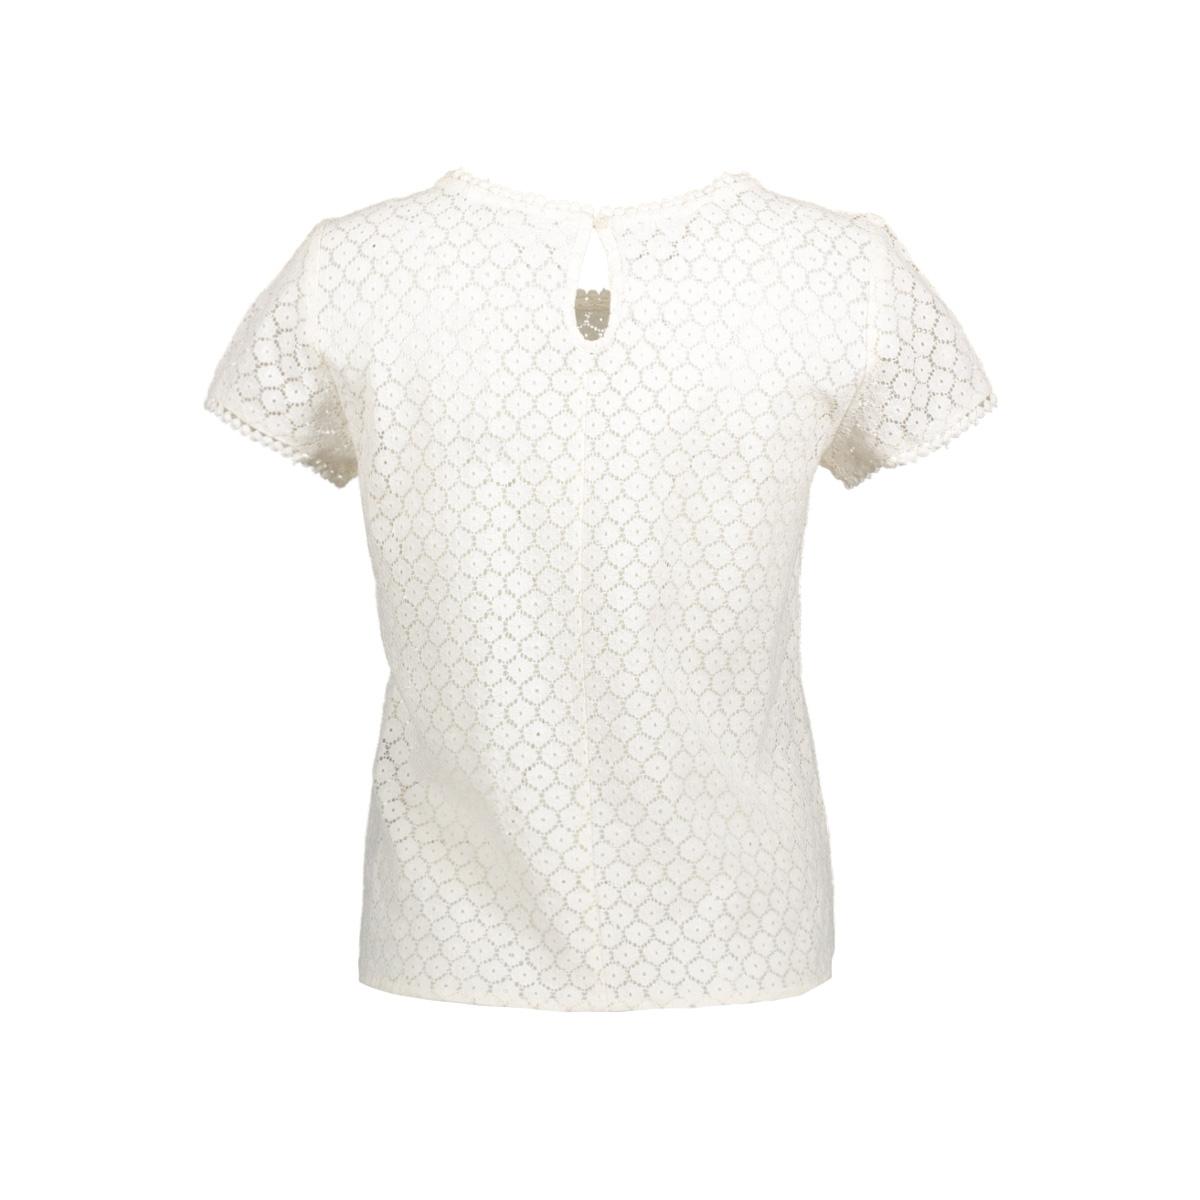 onlline fairy s/s top wvn 15137034 only t-shirt cloud dancer